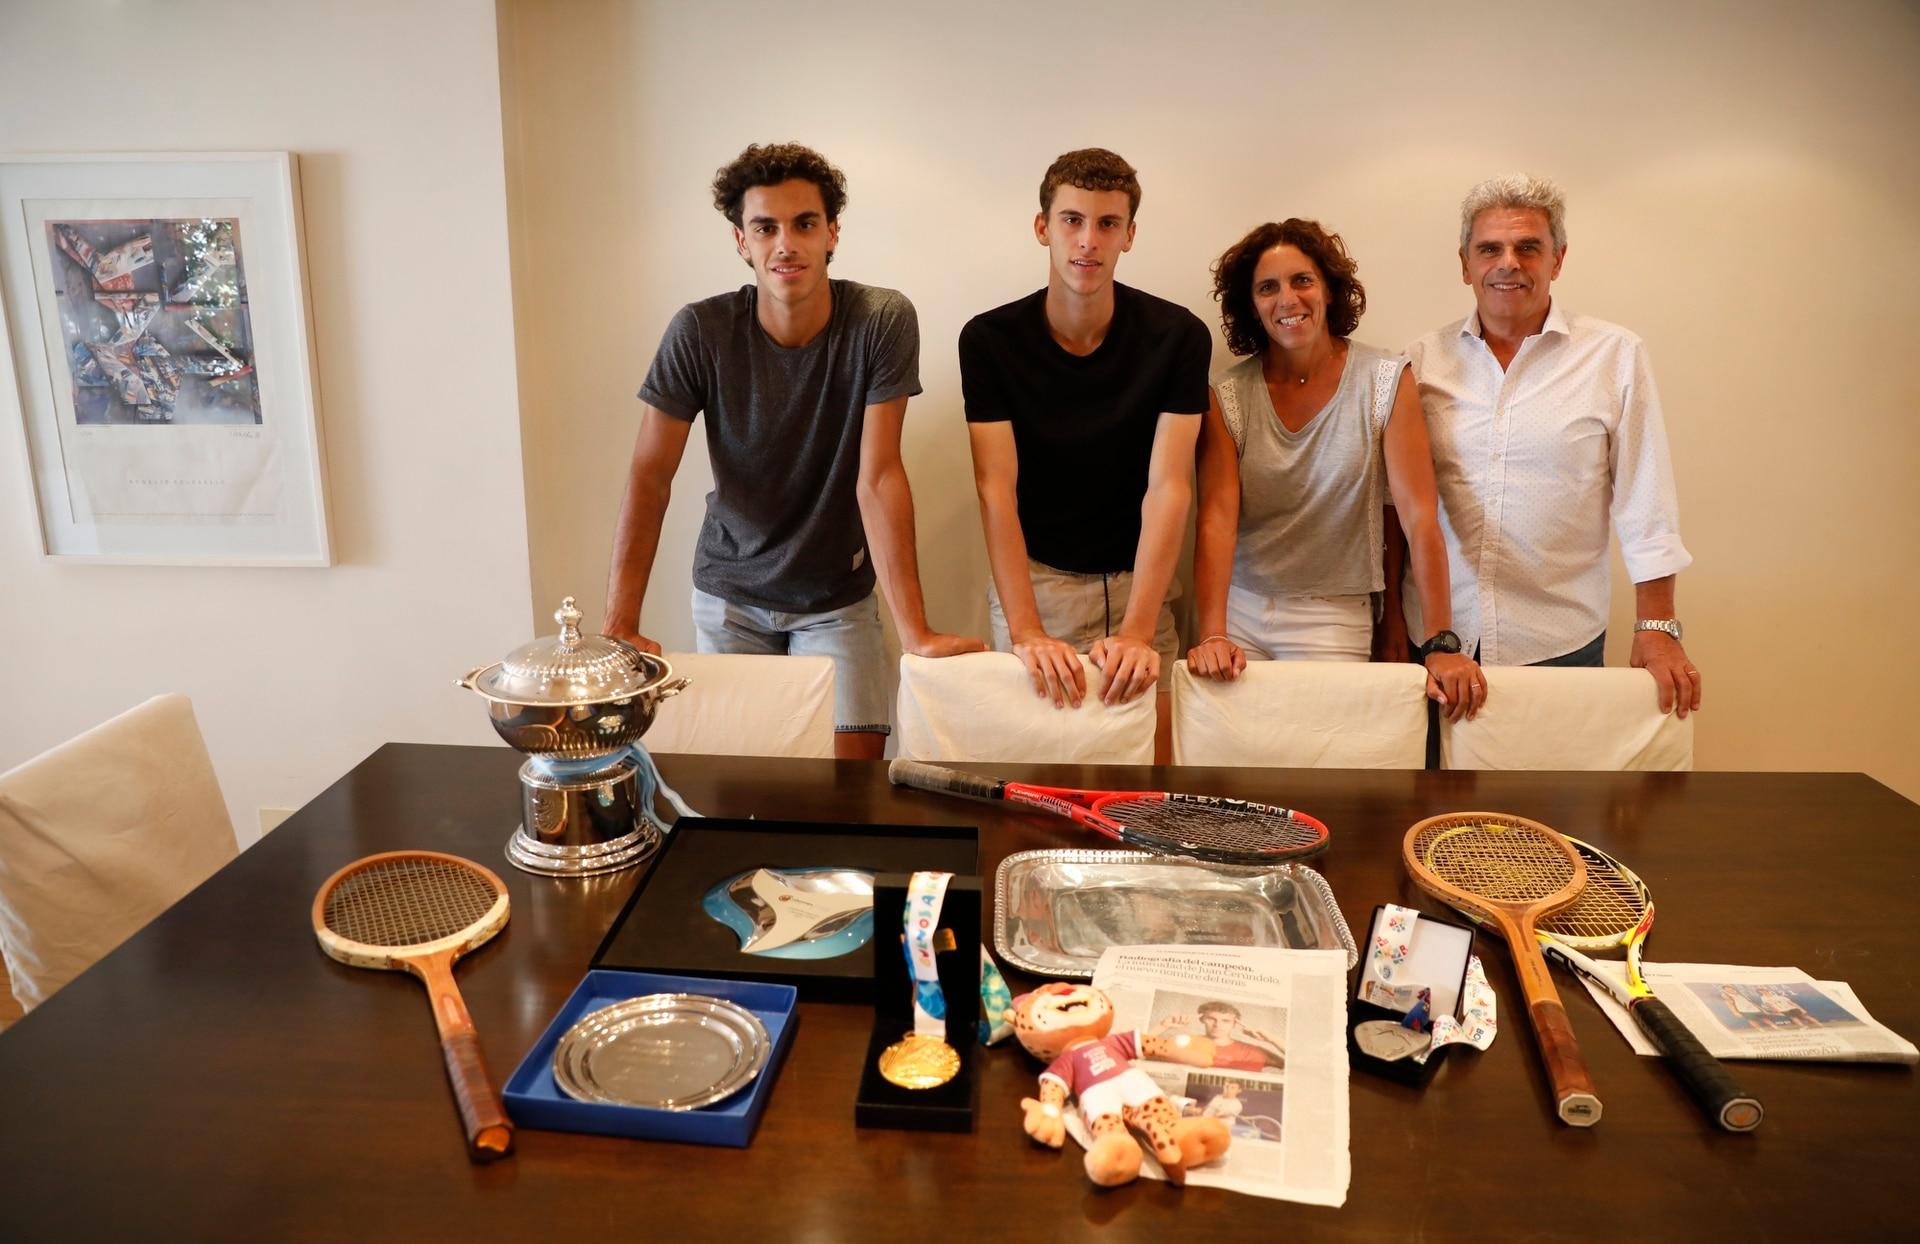 Cuatro de los cinco Cerúndolo, reunidos en una casa que late por el deporte: los tenistas, Francisco y Juan Manuel, y mamá María Luz y papá Alejandro; sólo falta Constanza, con Las Leonas en EE.UU..